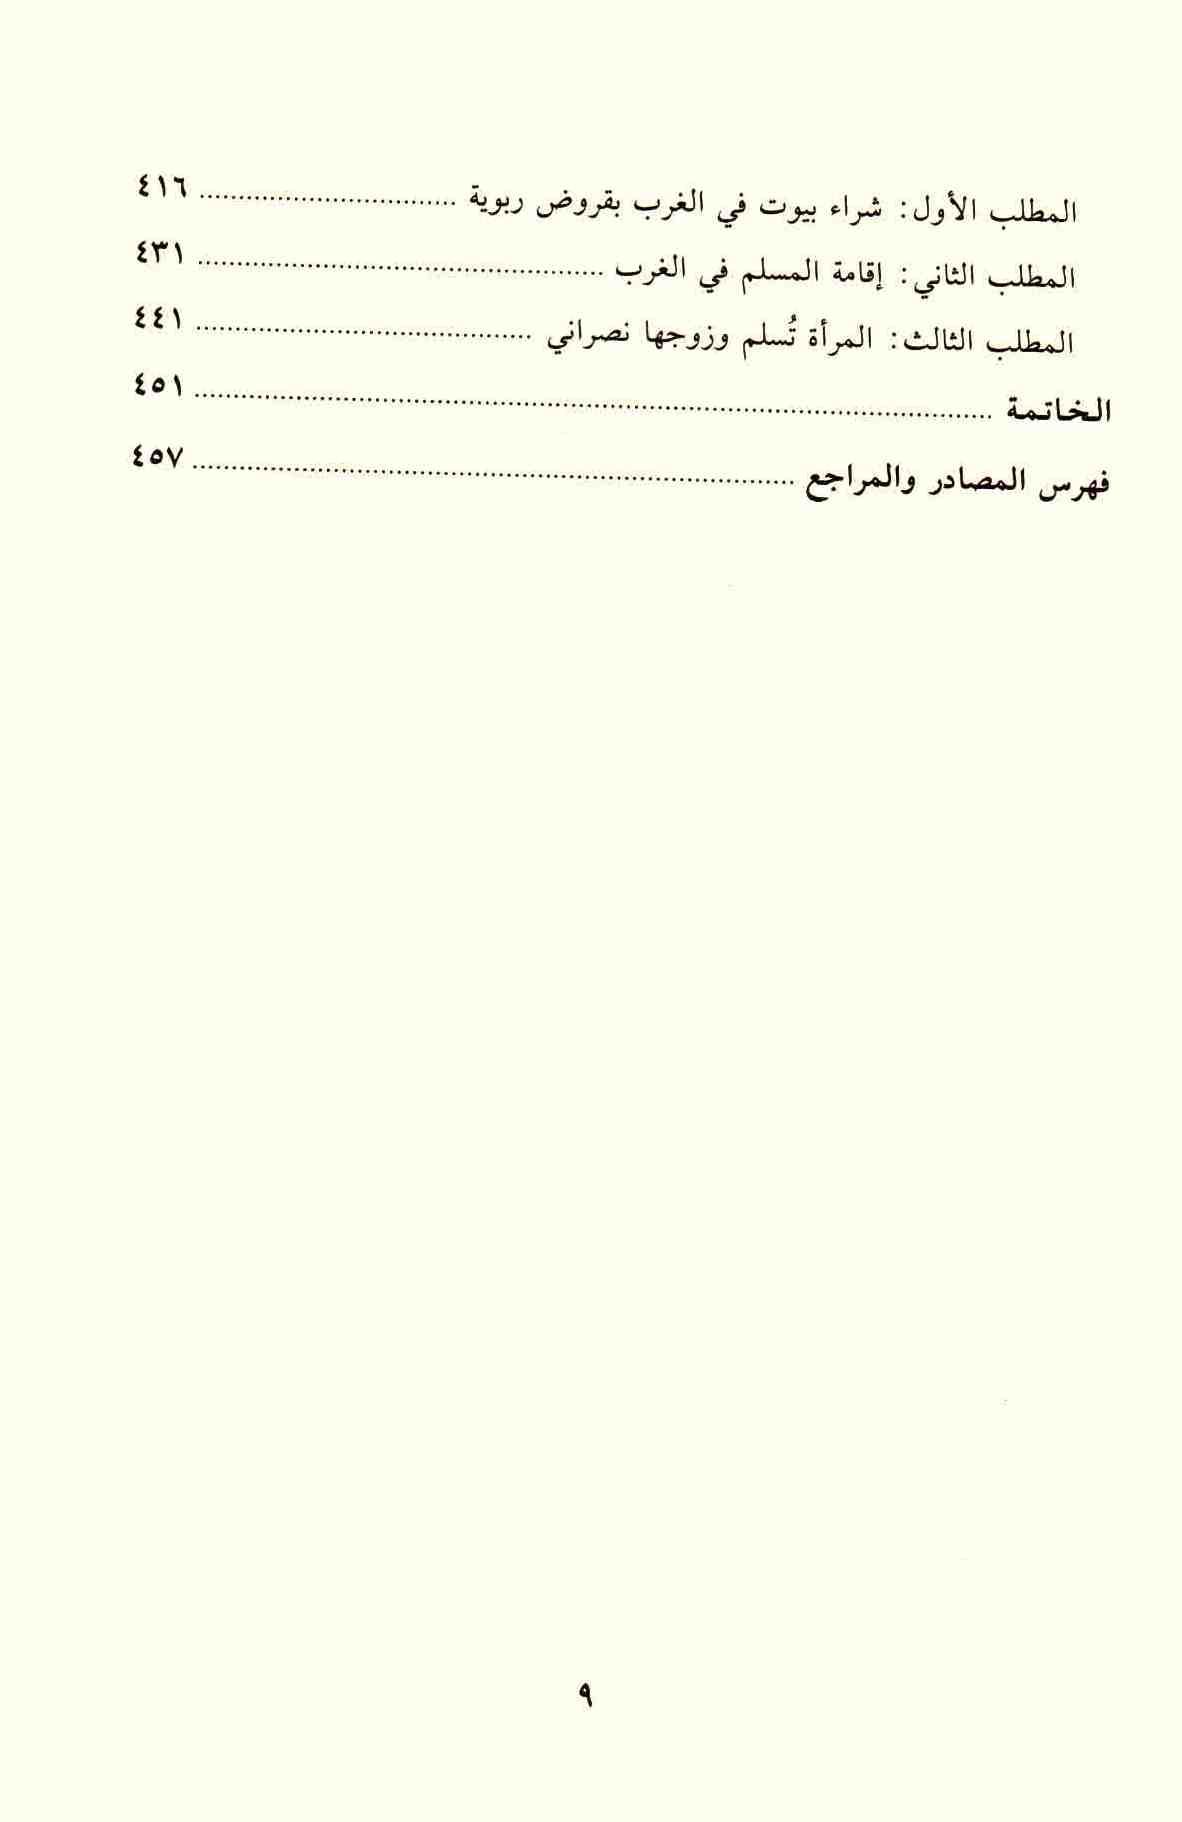 ص 9 محتويات كتاب استثمار النص الشرعي